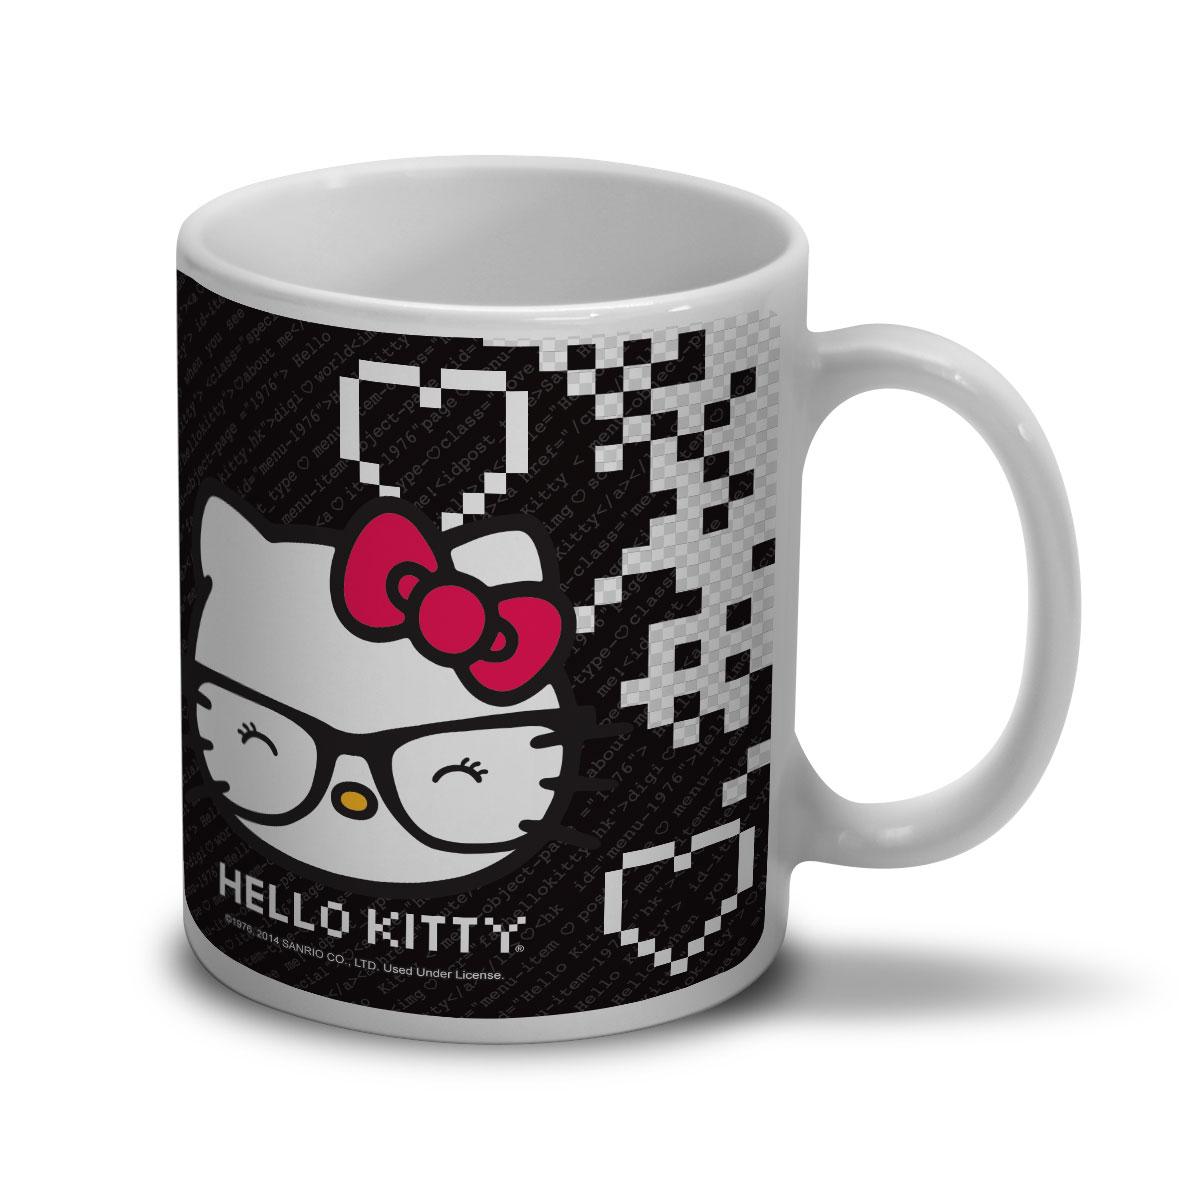 Caneca Hello Kitty + Fav This